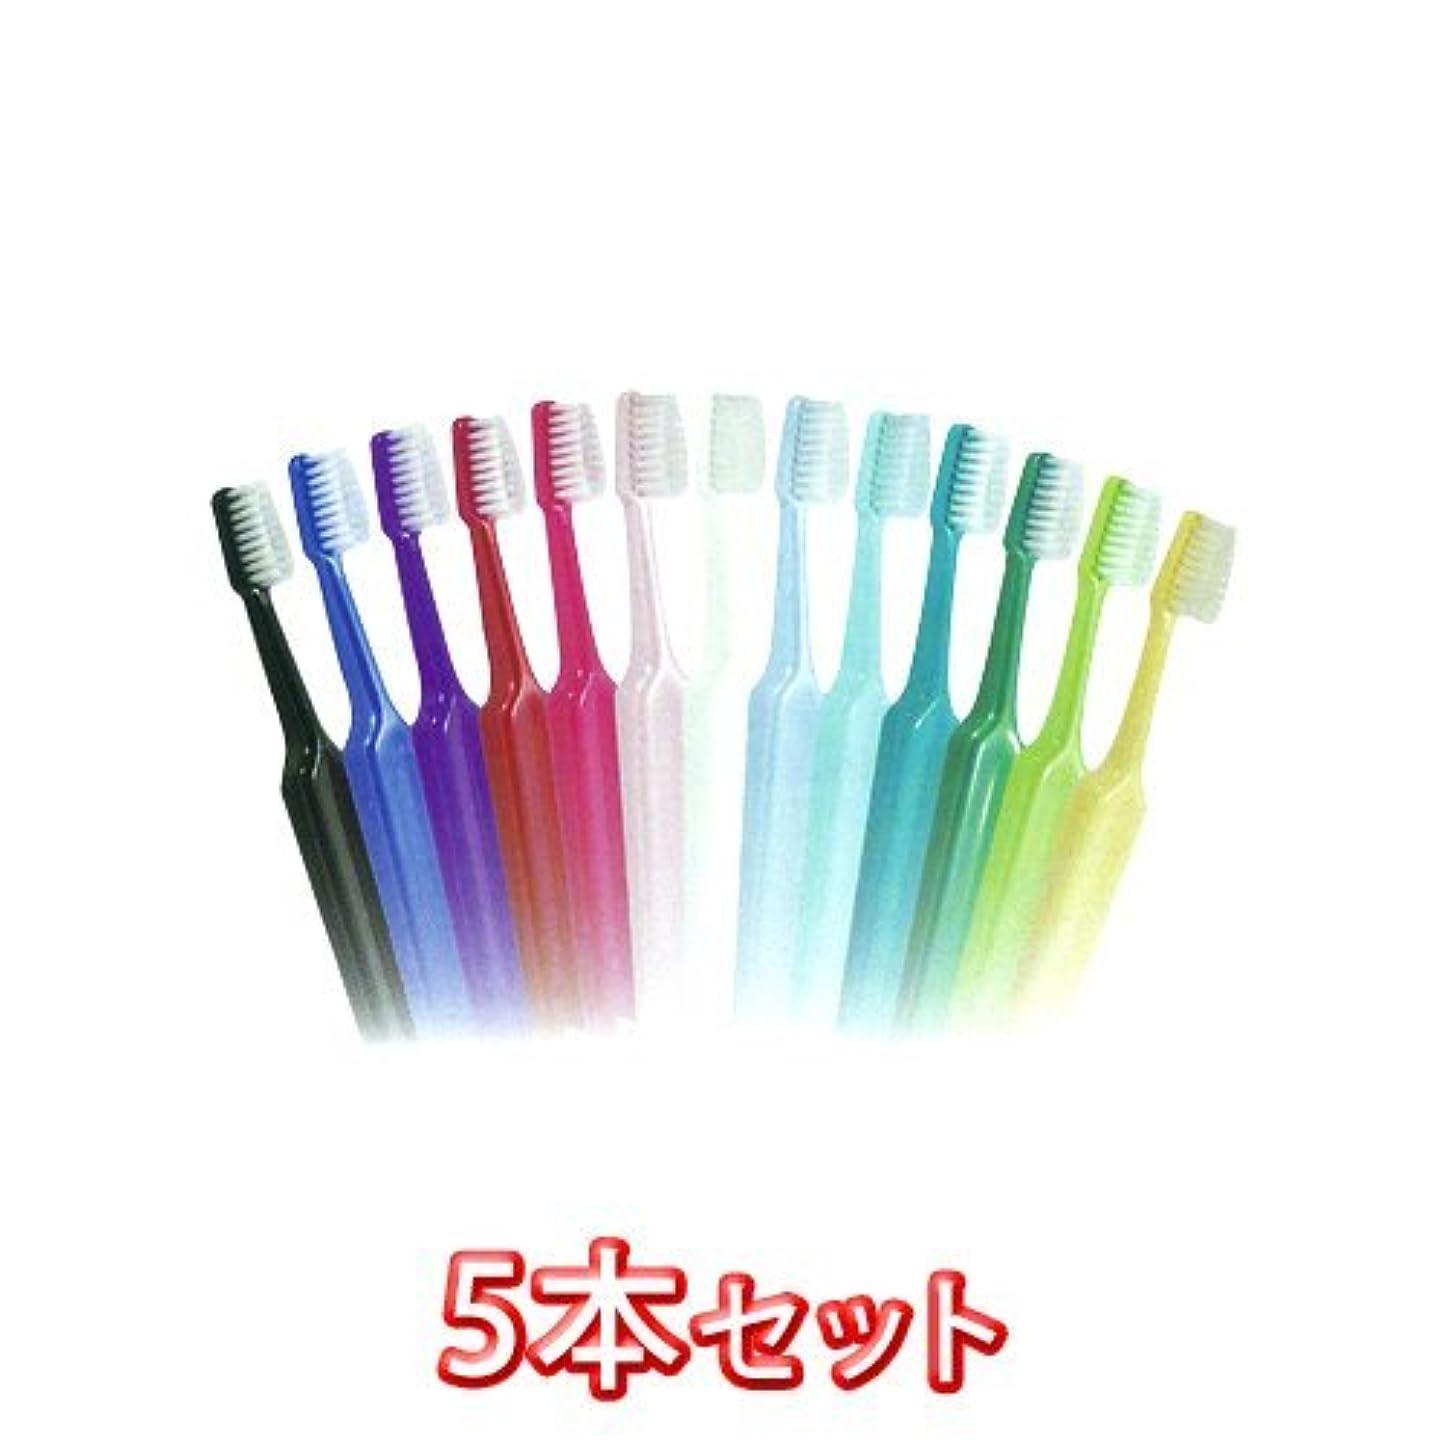 バケット木材ハイライトクロスフィールド TePe テペセレクトコンパクト 歯ブラシ × 5本入 コンパクトソフト